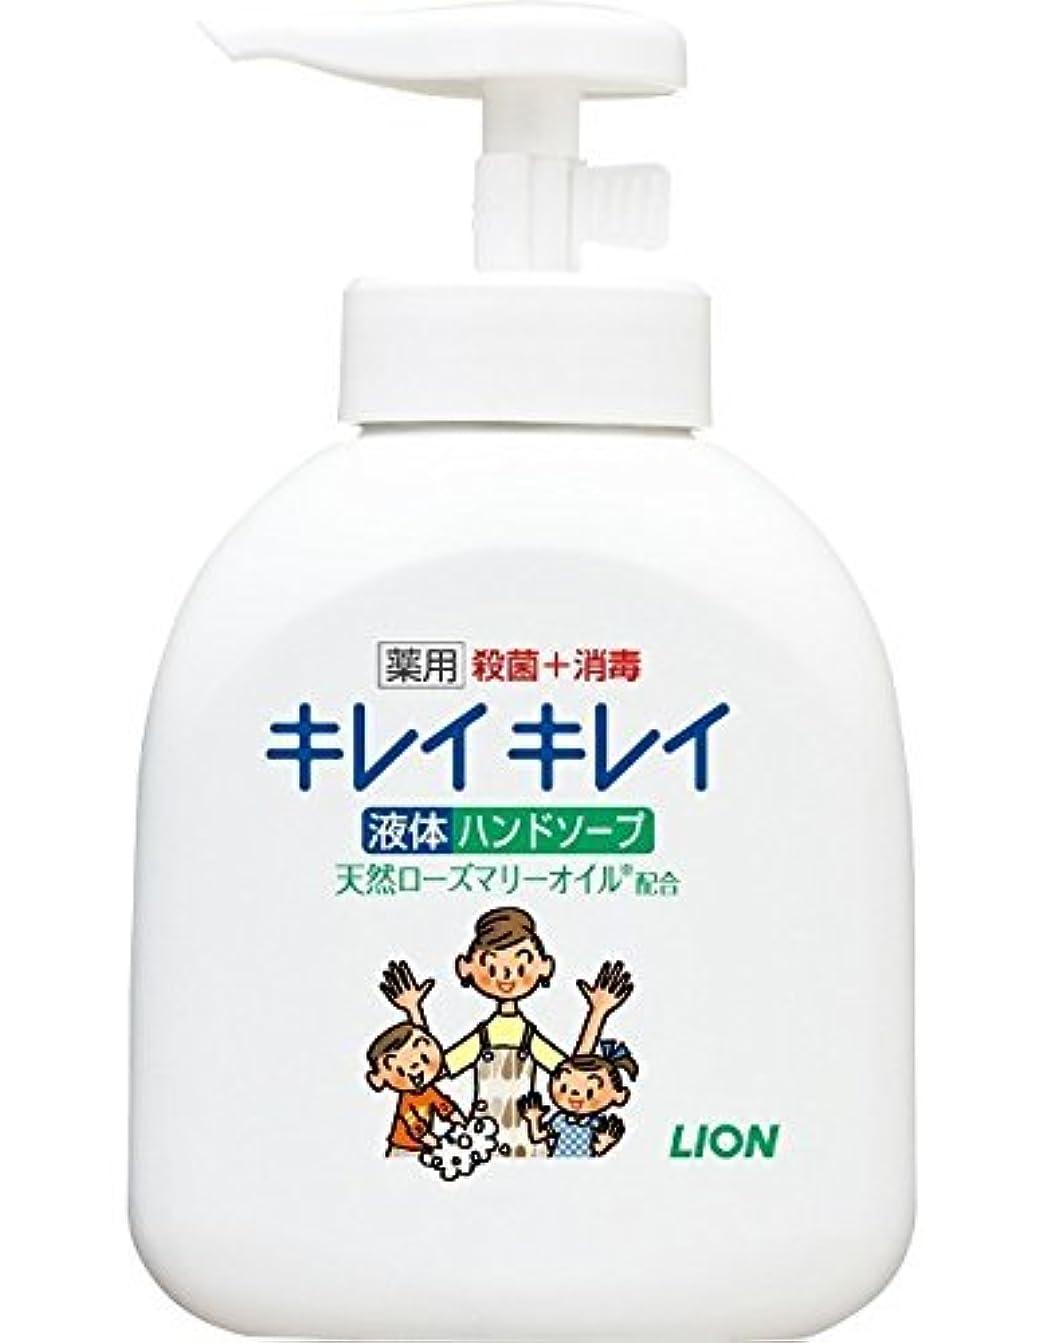 中央値見つける実現可能性【ライオン】キレイキレイ薬用液体ハンドソープ 本体ポンプ 250ml ×30個セット